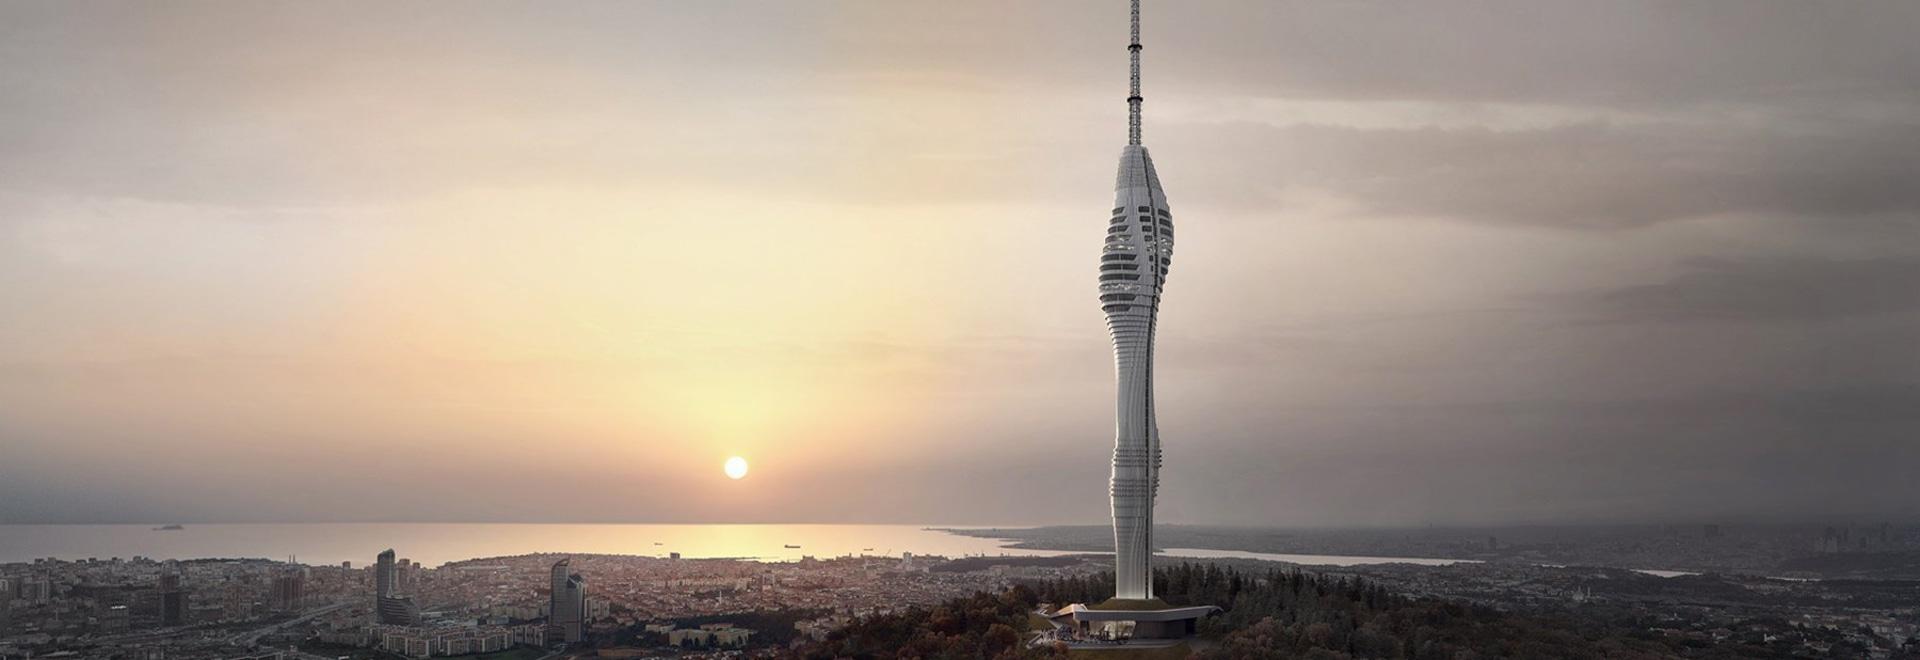 neueste bilder wurden von isanbuls futuristischem funkturm enthüllt